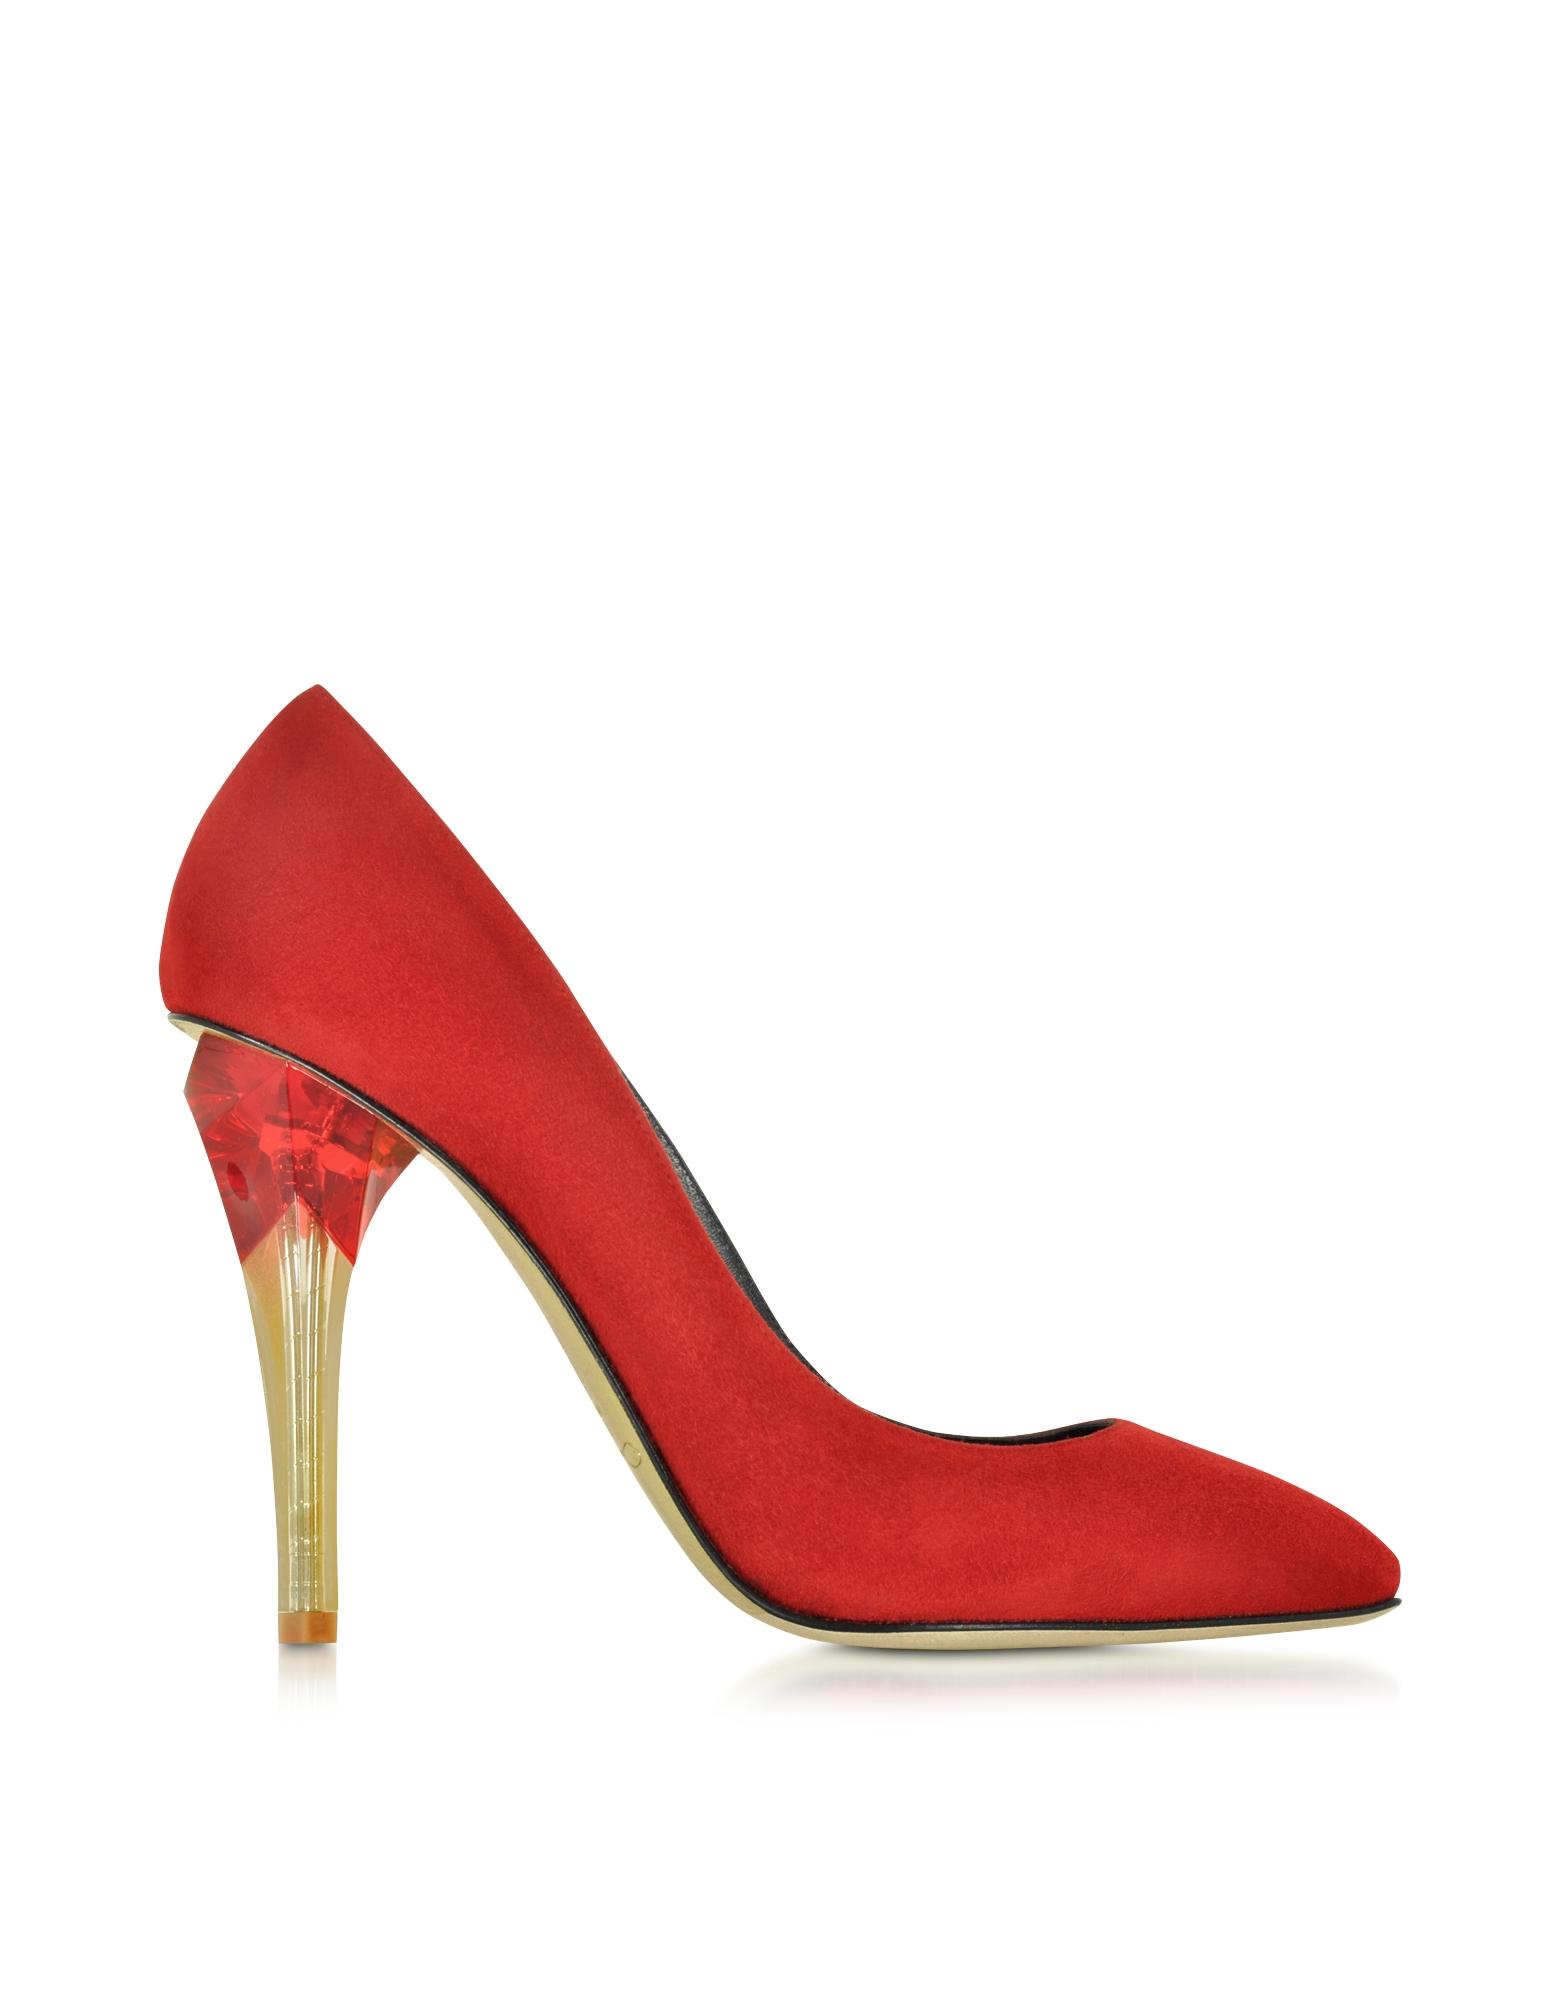 Oscar de la renta Pia Ruby Red Suede W/lucite High Heel Pump in ...